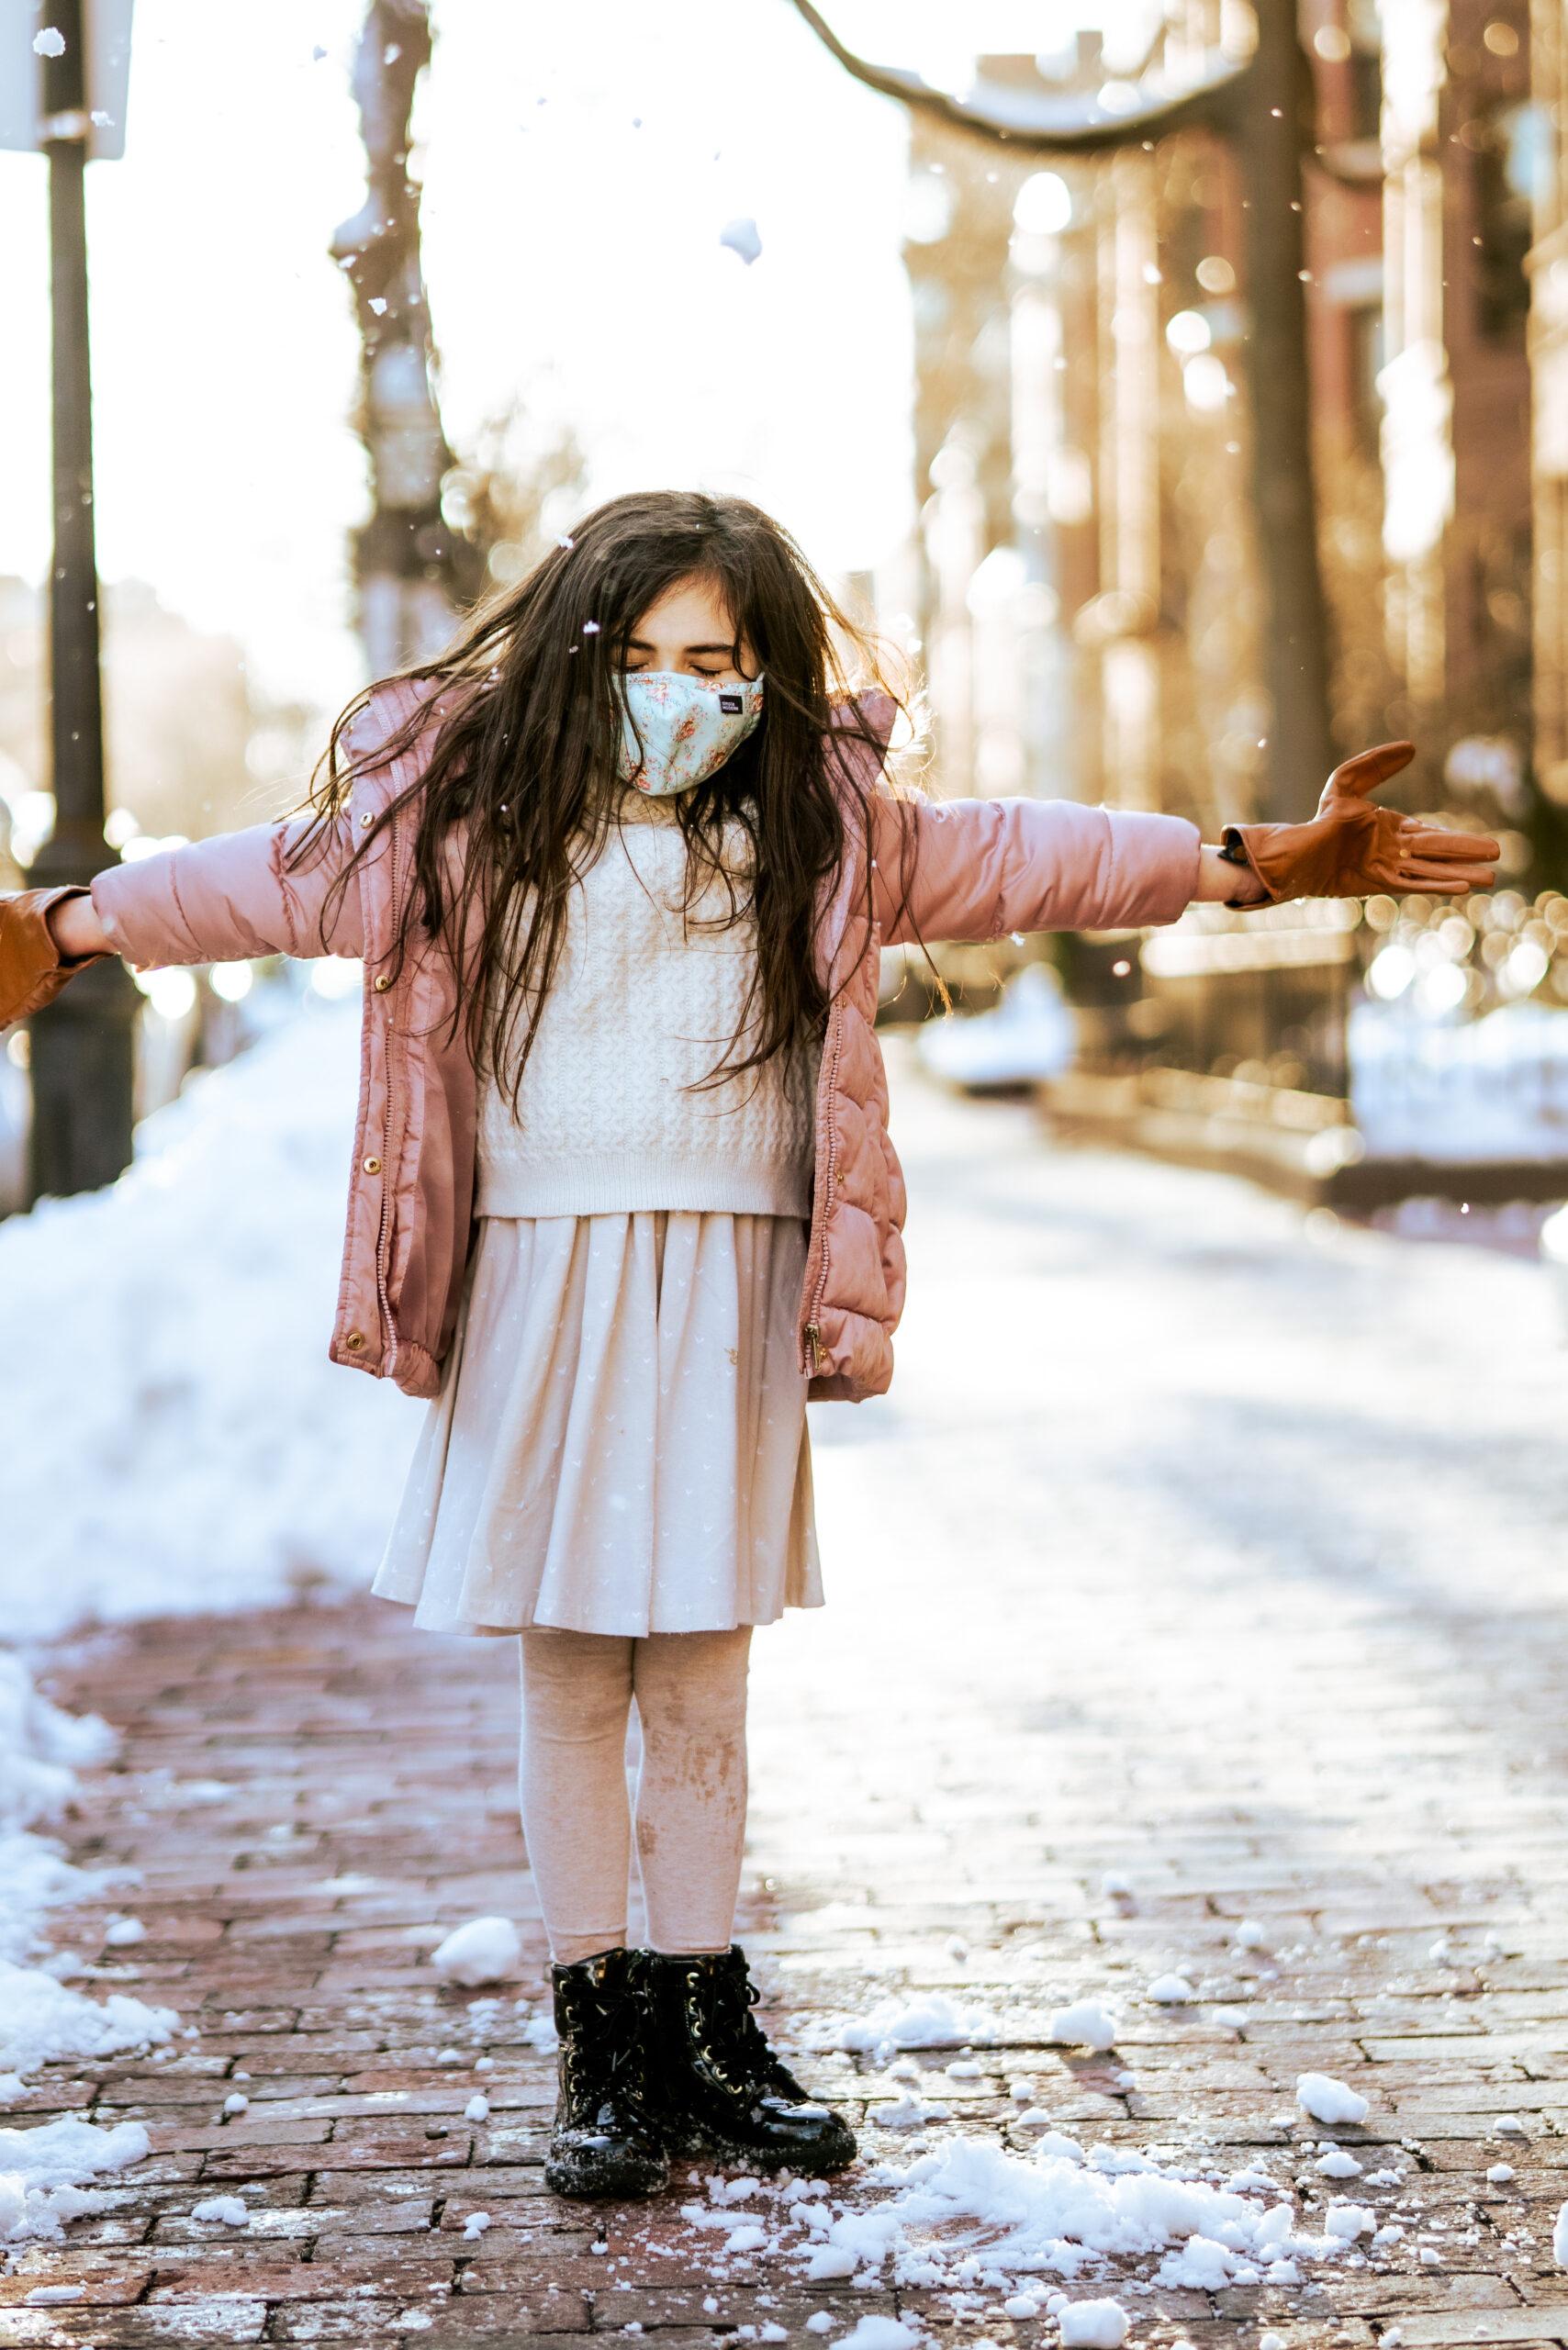 Winter Family Photos in Back Bay | Boston Snow | @glitterinclexi | GLITTERINC.COM